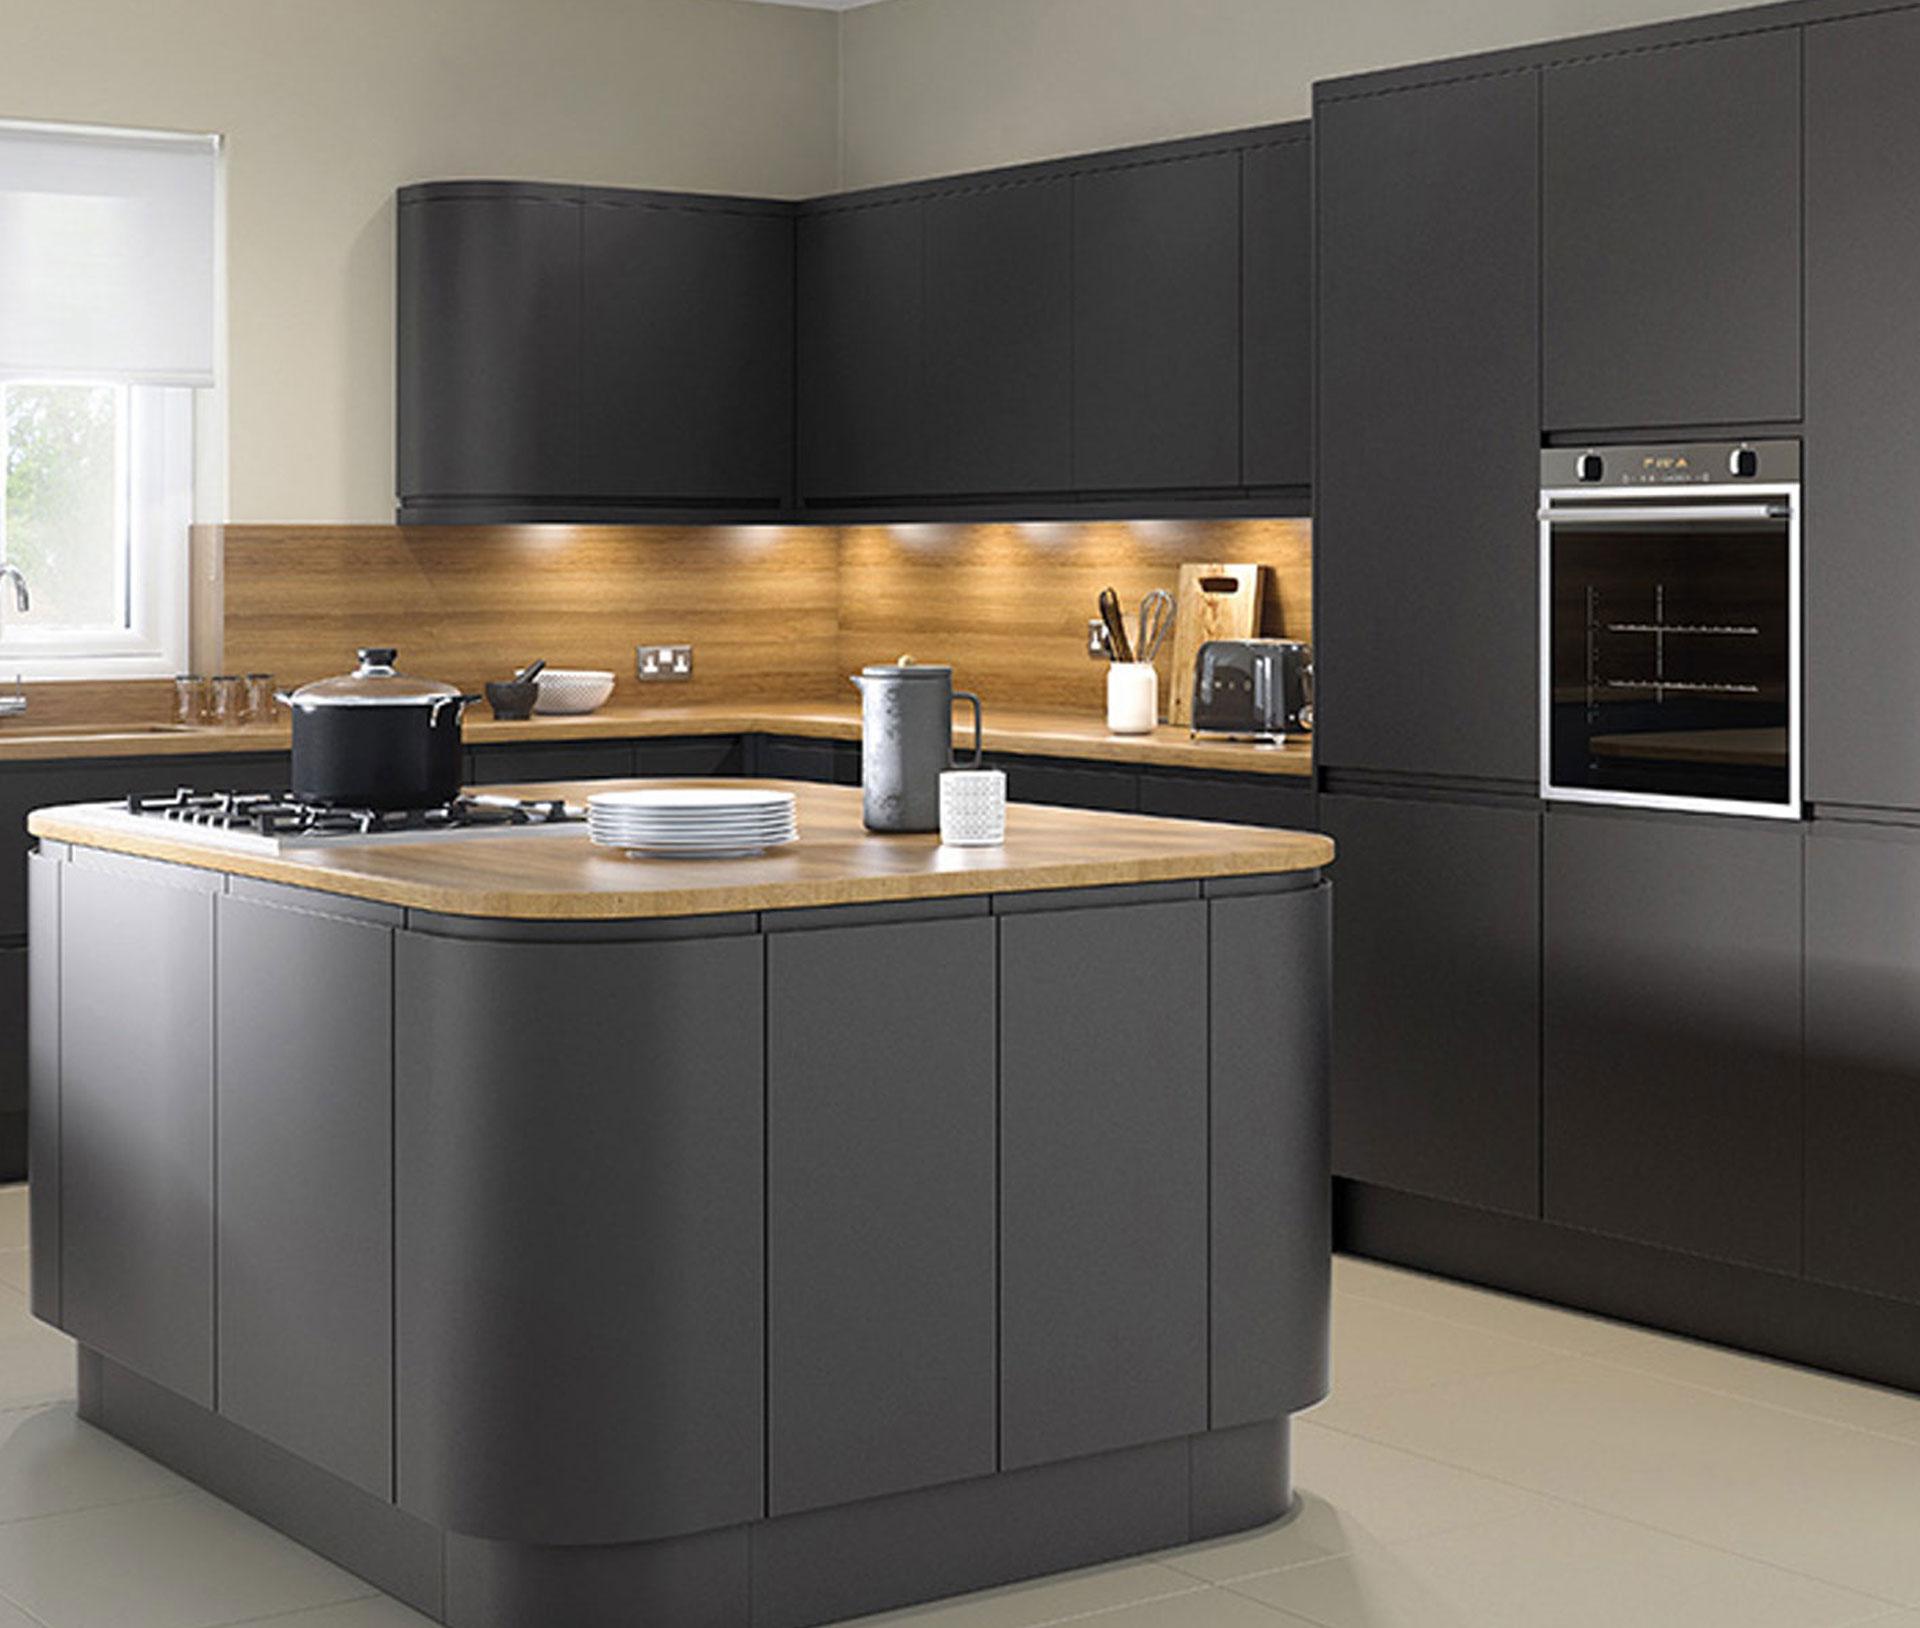 DKB-Curvy-DarkGrey-Kitchen